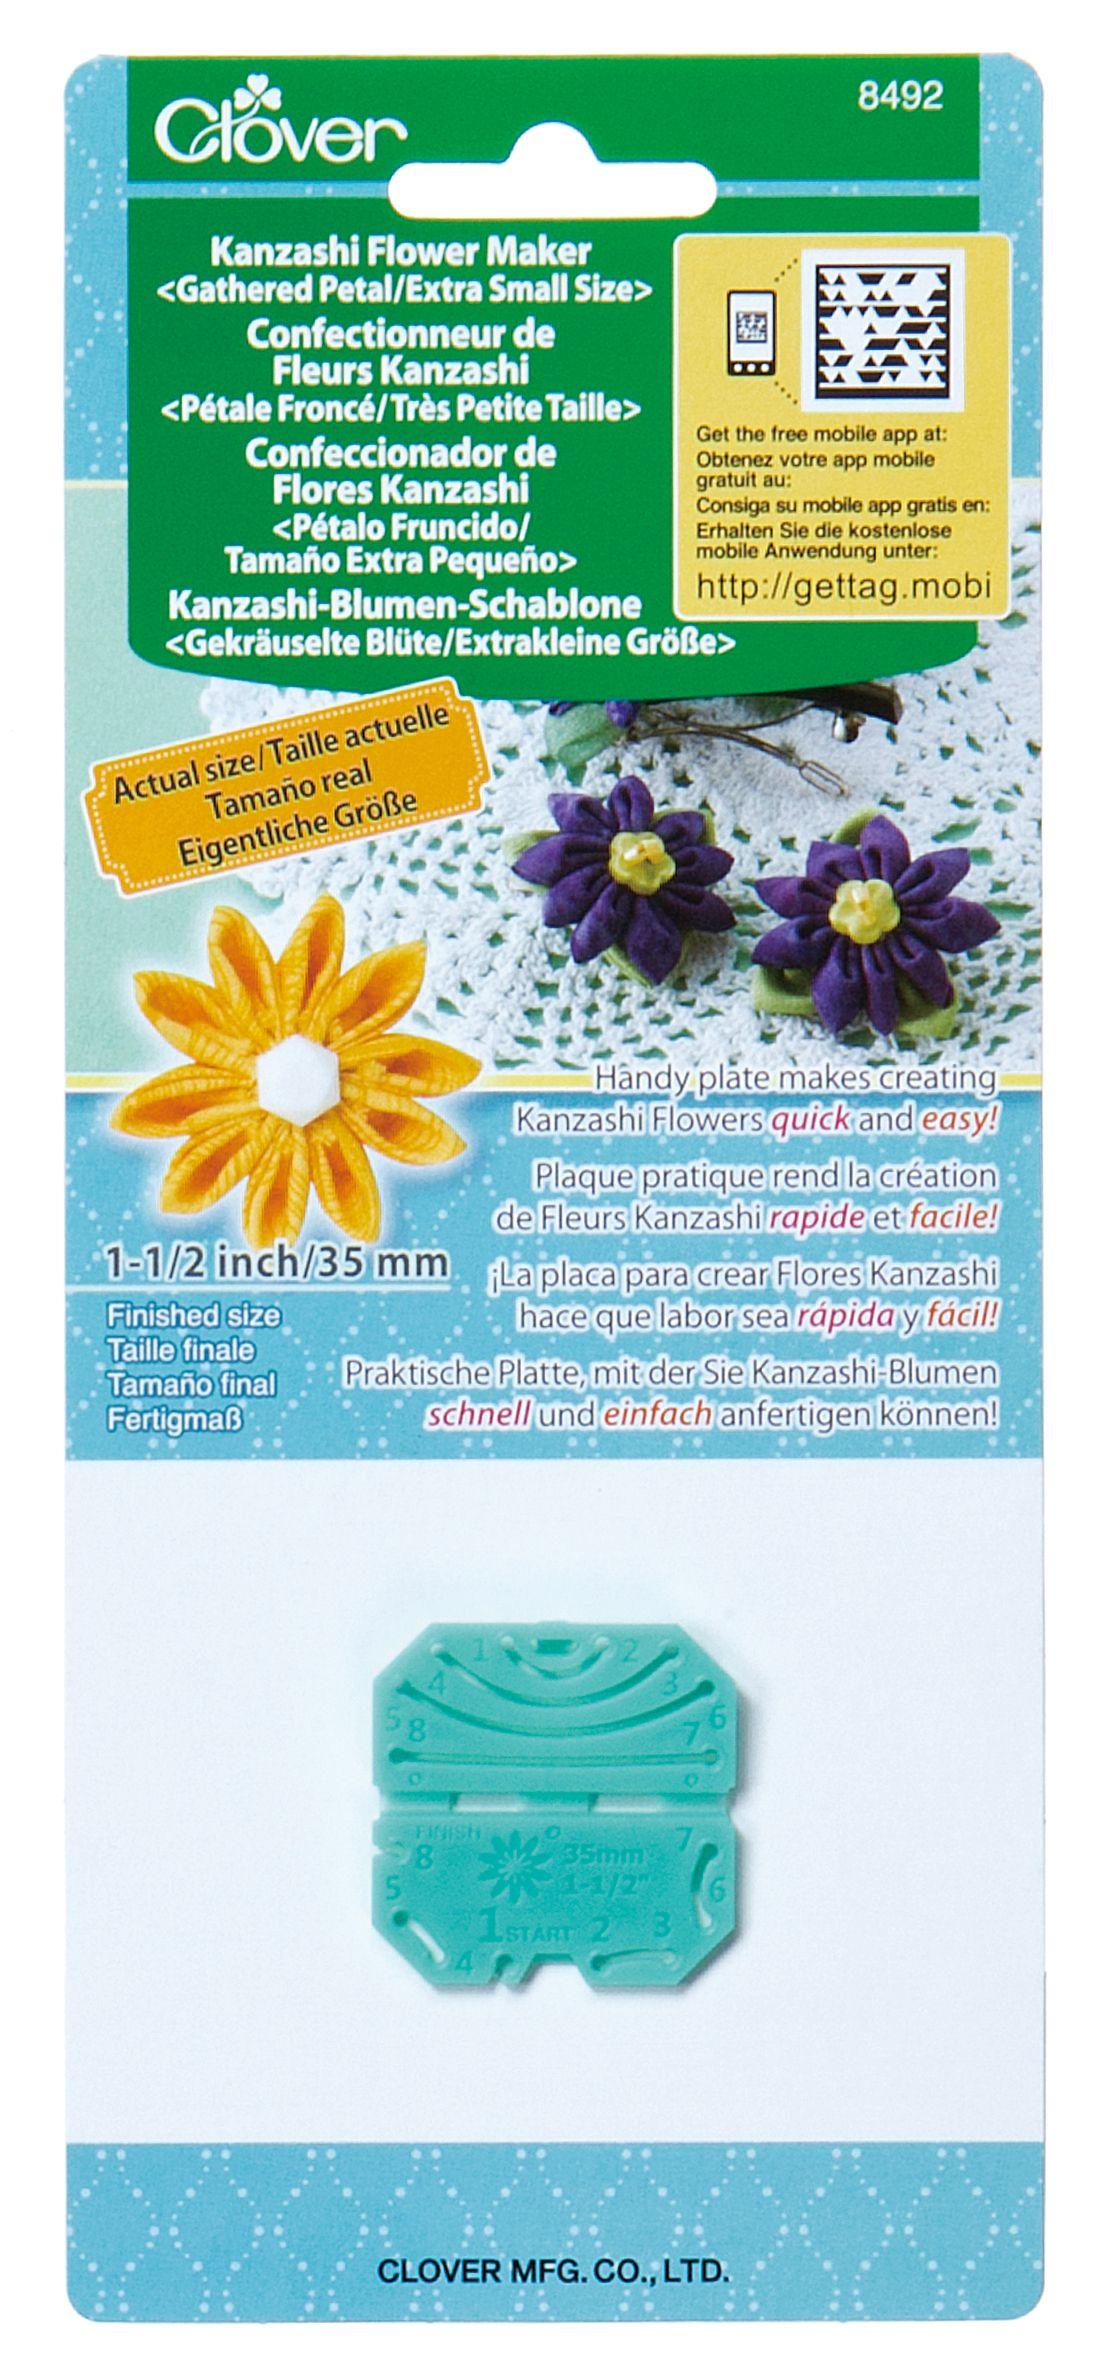 Clover Large Orchid Petal Kanzashi Flower Maker Pk For Crafts Flower Making Tool